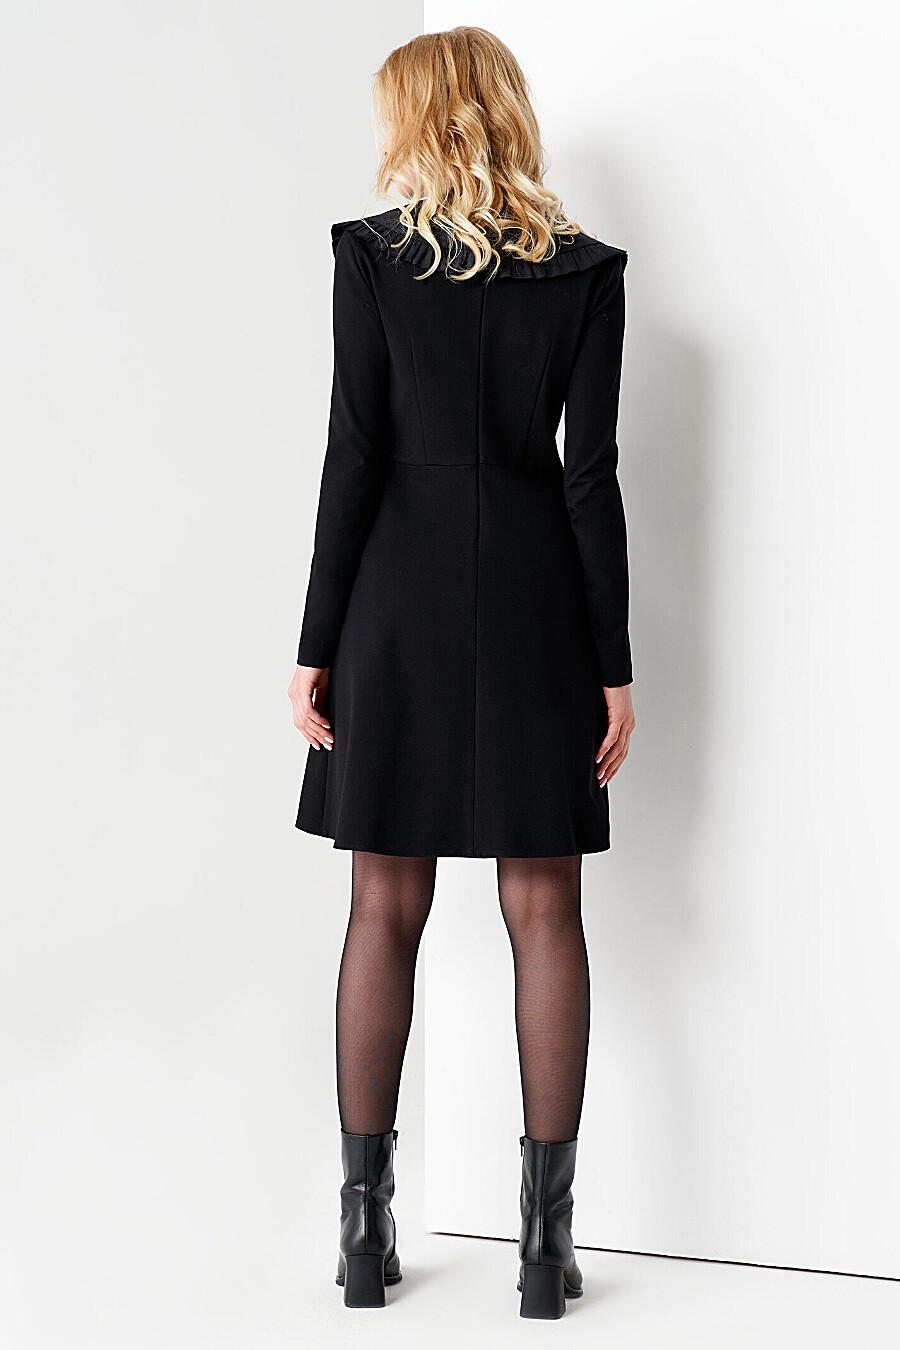 Платье для женщин PANDA 708395 купить оптом от производителя. Совместная покупка женской одежды в OptMoyo